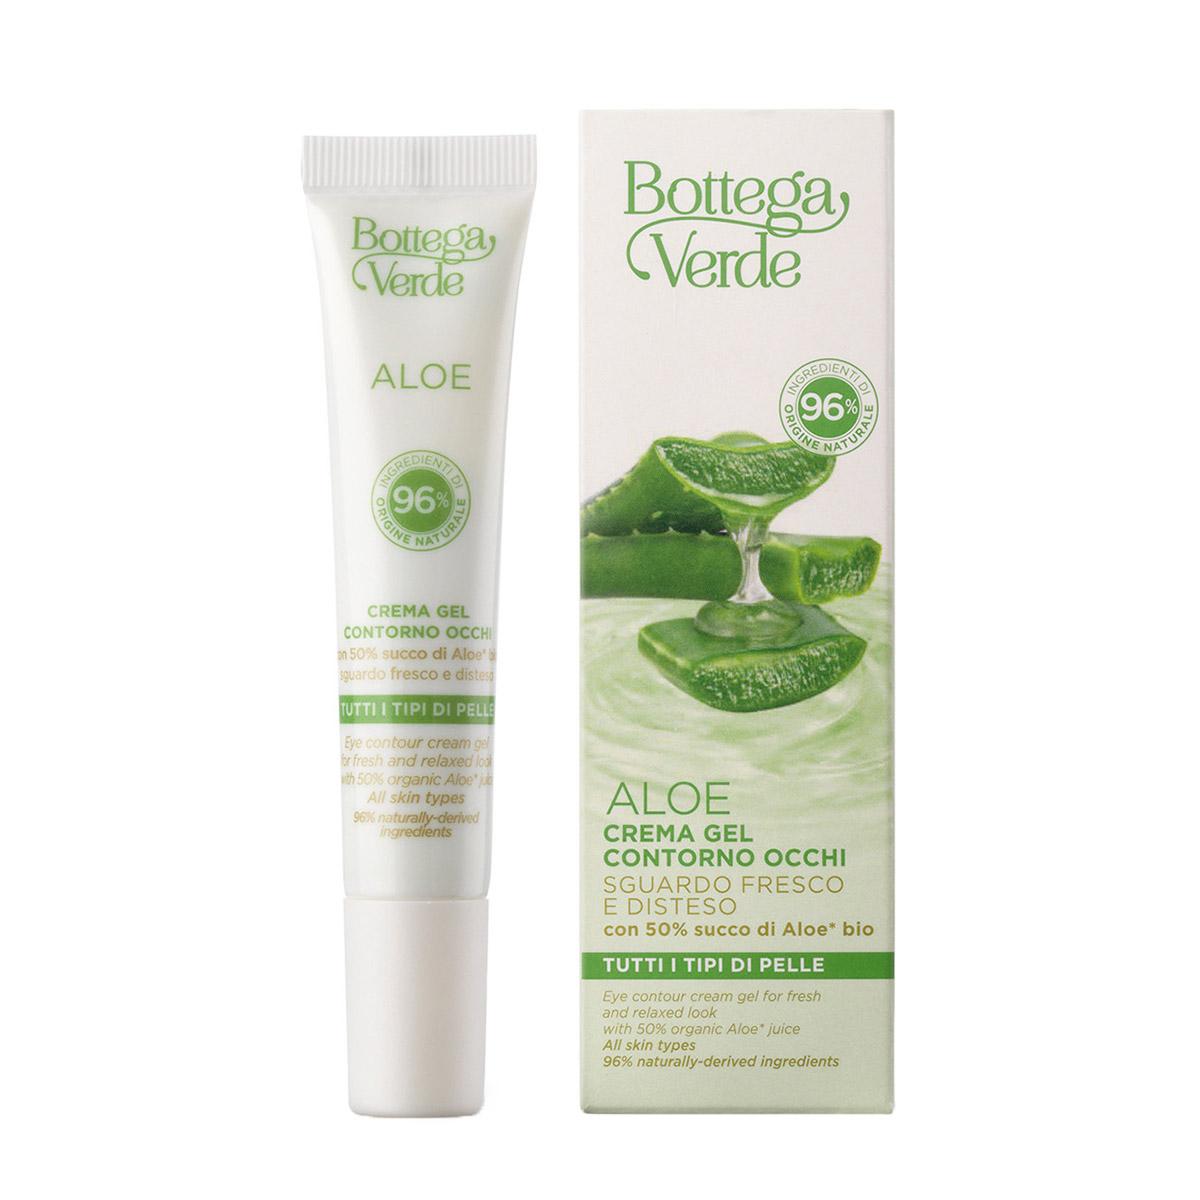 Crema gel pentru ochi, cu extract de aloe vera si 96% ingrediente naturale imagine